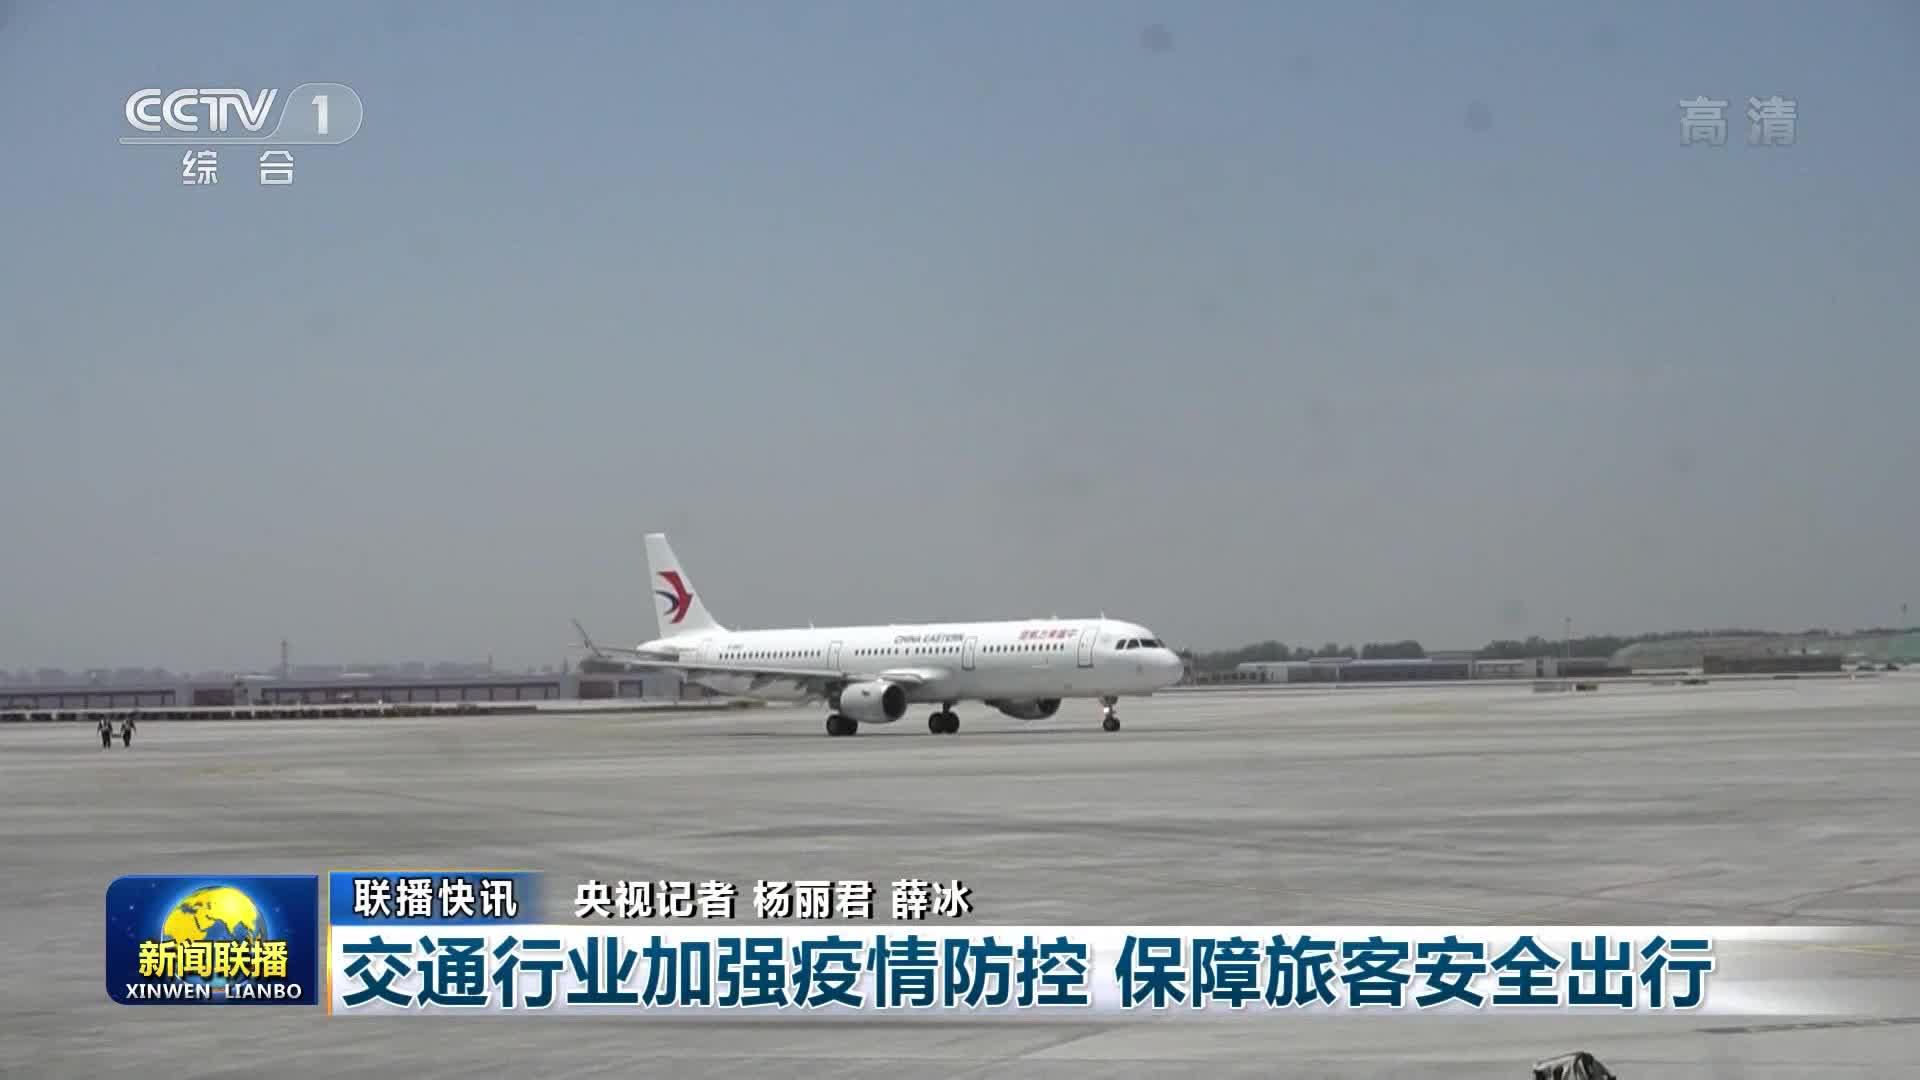 【联播快讯】交通行业加强疫情防控 保障旅客安全出行